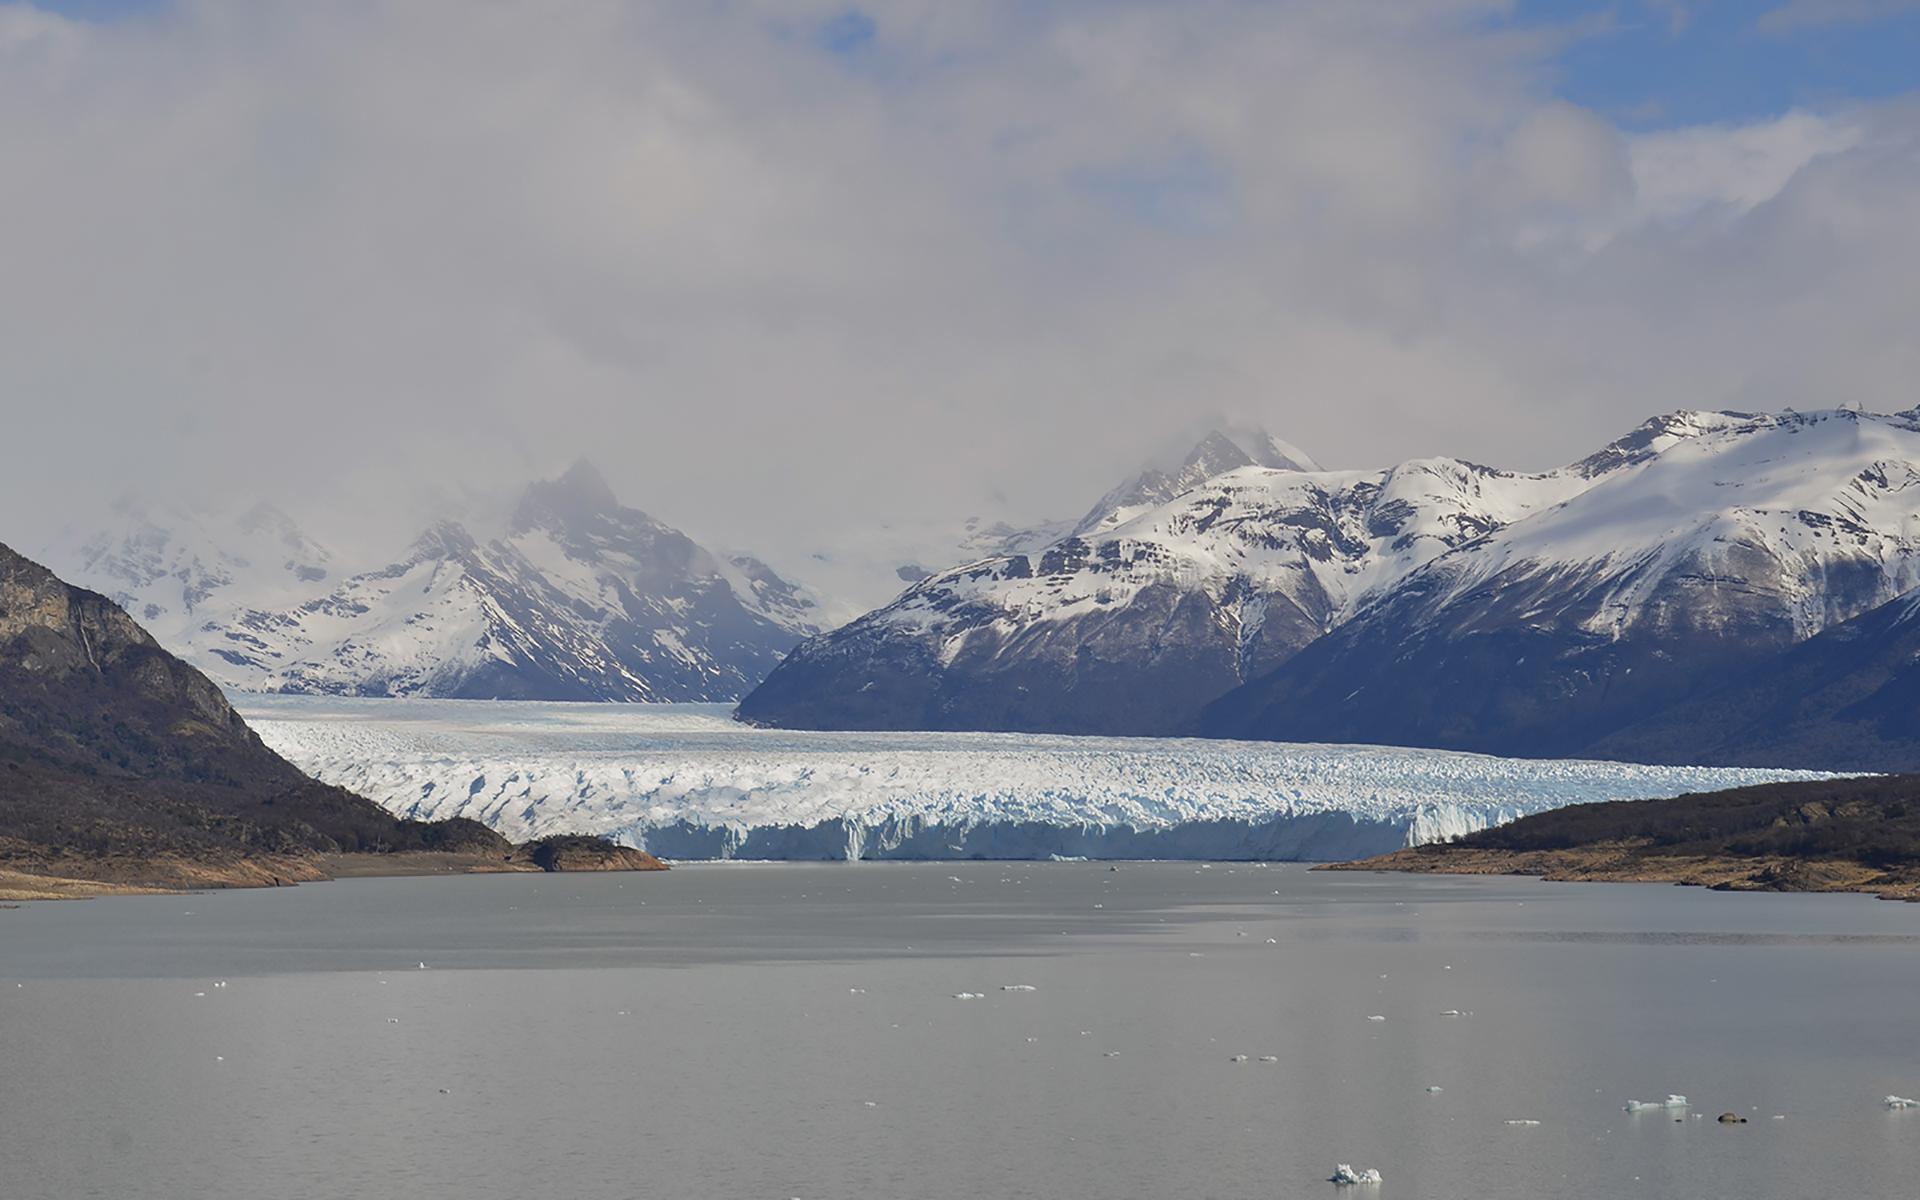 El glaciar Perito Moreno es una formación natural de impactante belleza; con sus32 kilómetros de extensión cinco de anchura y más de 70 metros de altitud forma parte del selecto grupo de los quince glaciares más espectaculares del planeta (Foto Parques Nacionales)